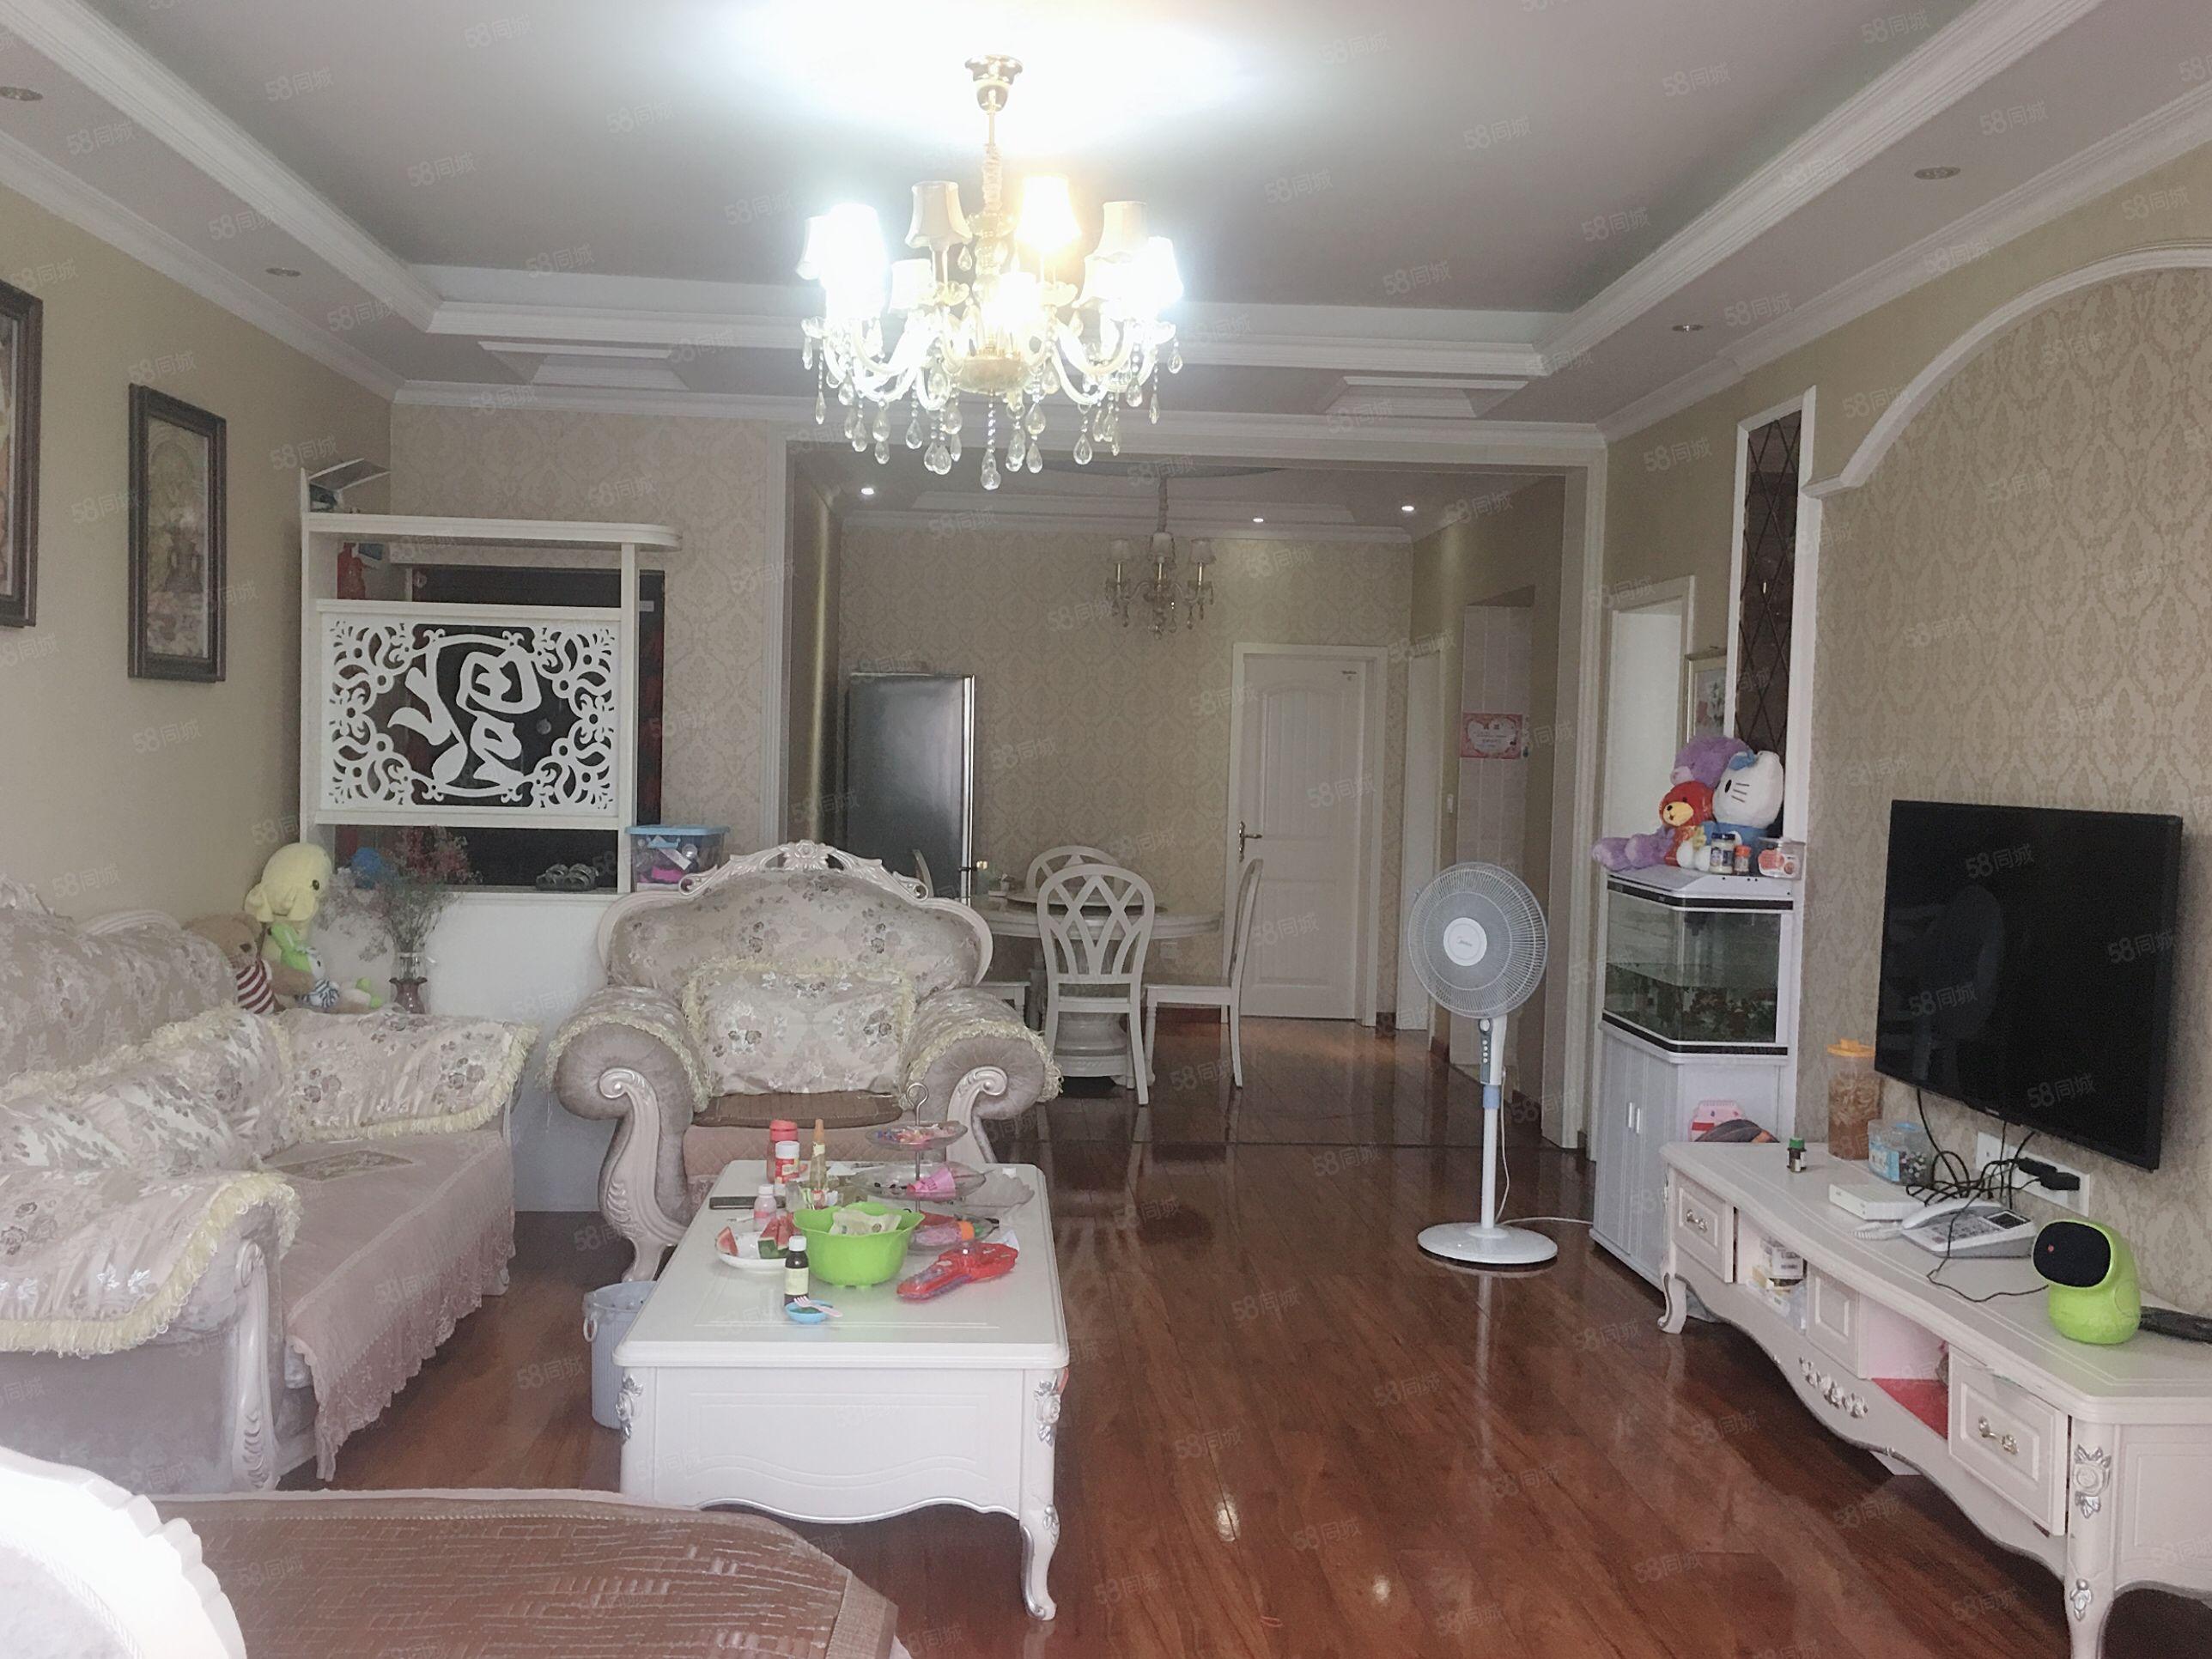 康桥半岛步梯中间层全实木地板婚房出售